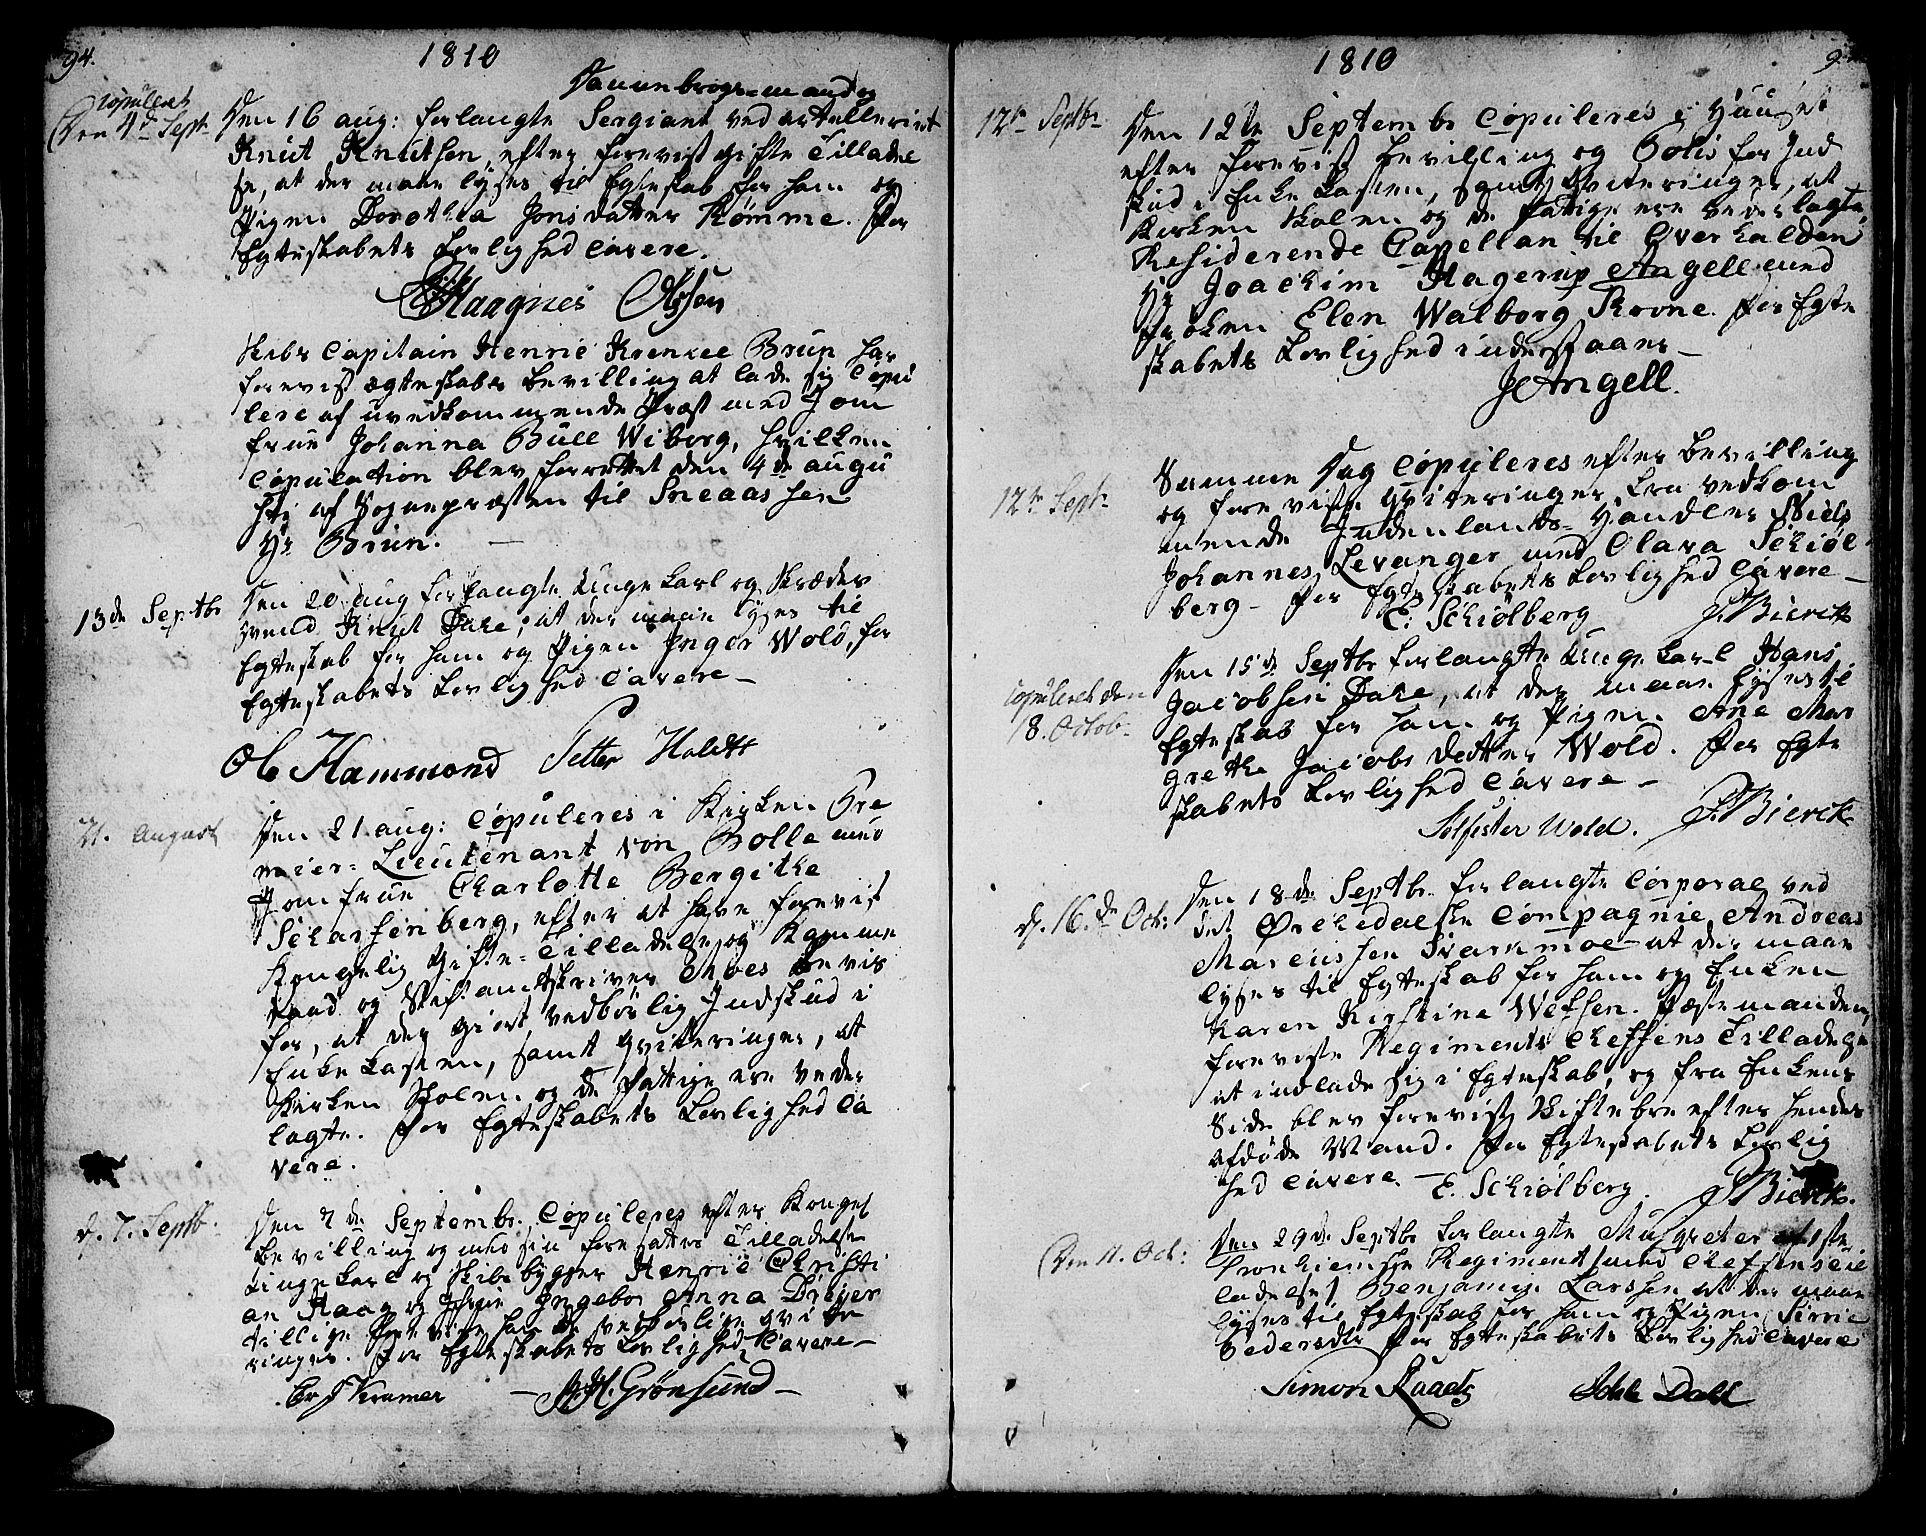 SAT, Ministerialprotokoller, klokkerbøker og fødselsregistre - Sør-Trøndelag, 601/L0042: Ministerialbok nr. 601A10, 1802-1830, s. 94-95